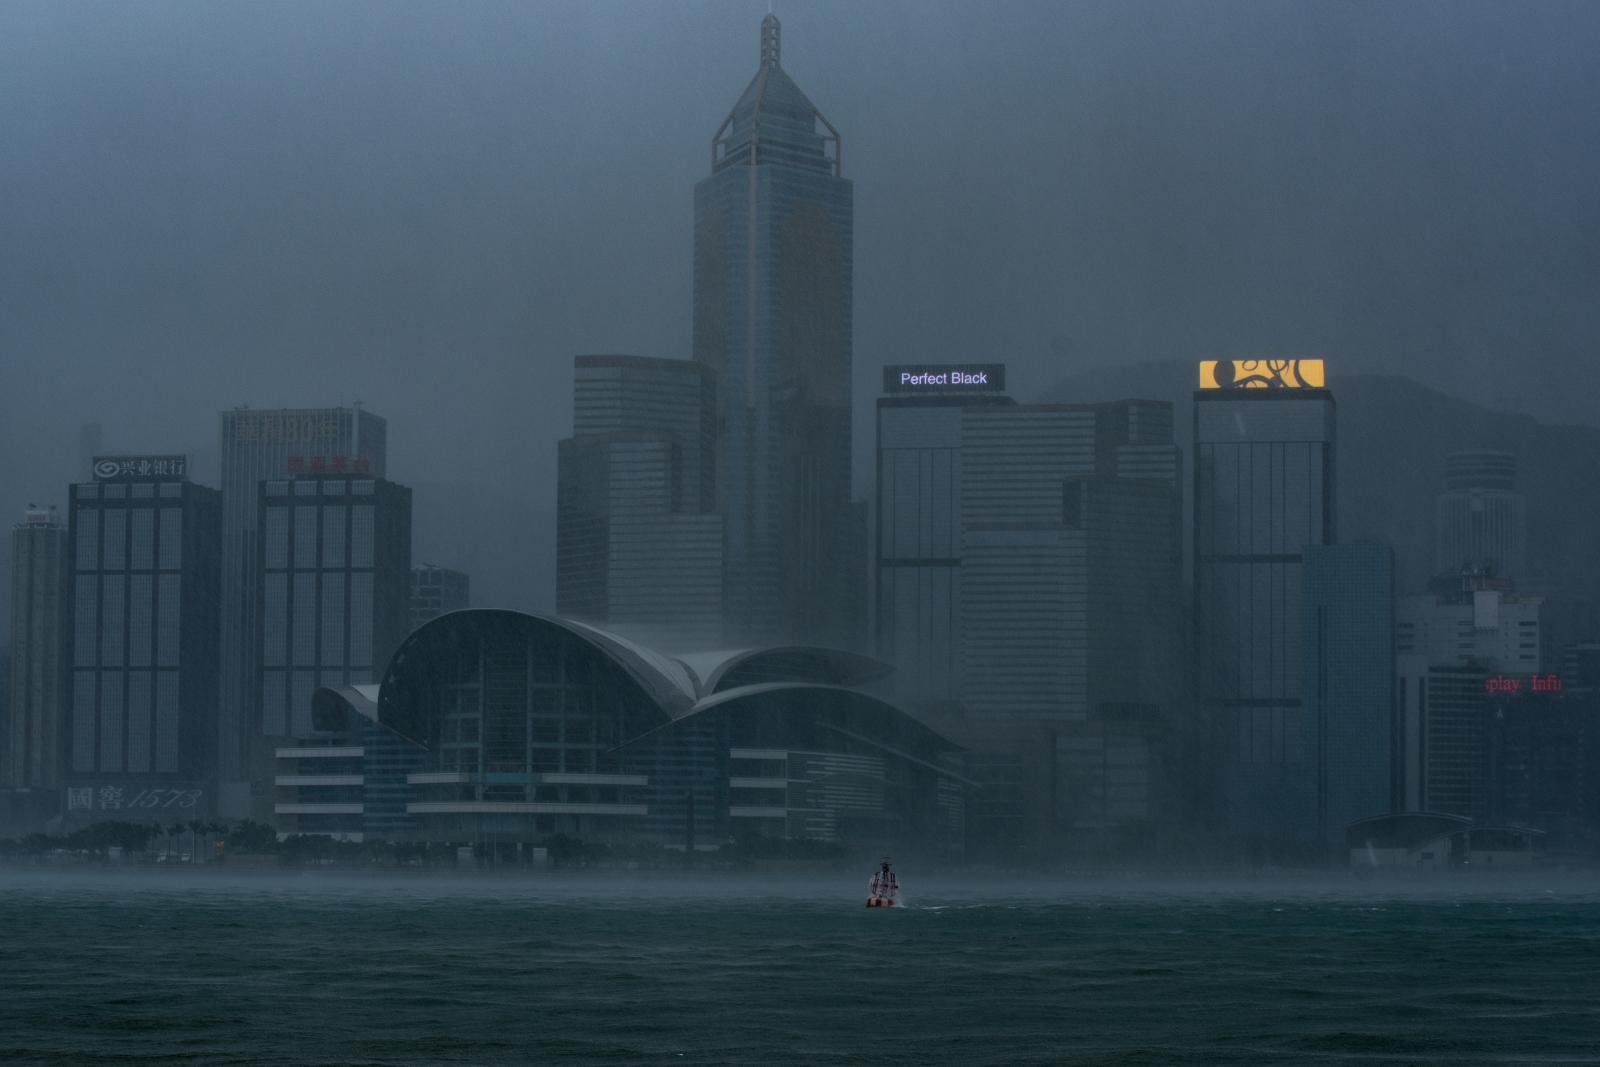 """ฮ่องกงยกระดับเตือนภัยสูงสุด หลังไต้ฝุ่น """"มังคุด"""" มุ่งหน้าสู่จีน"""